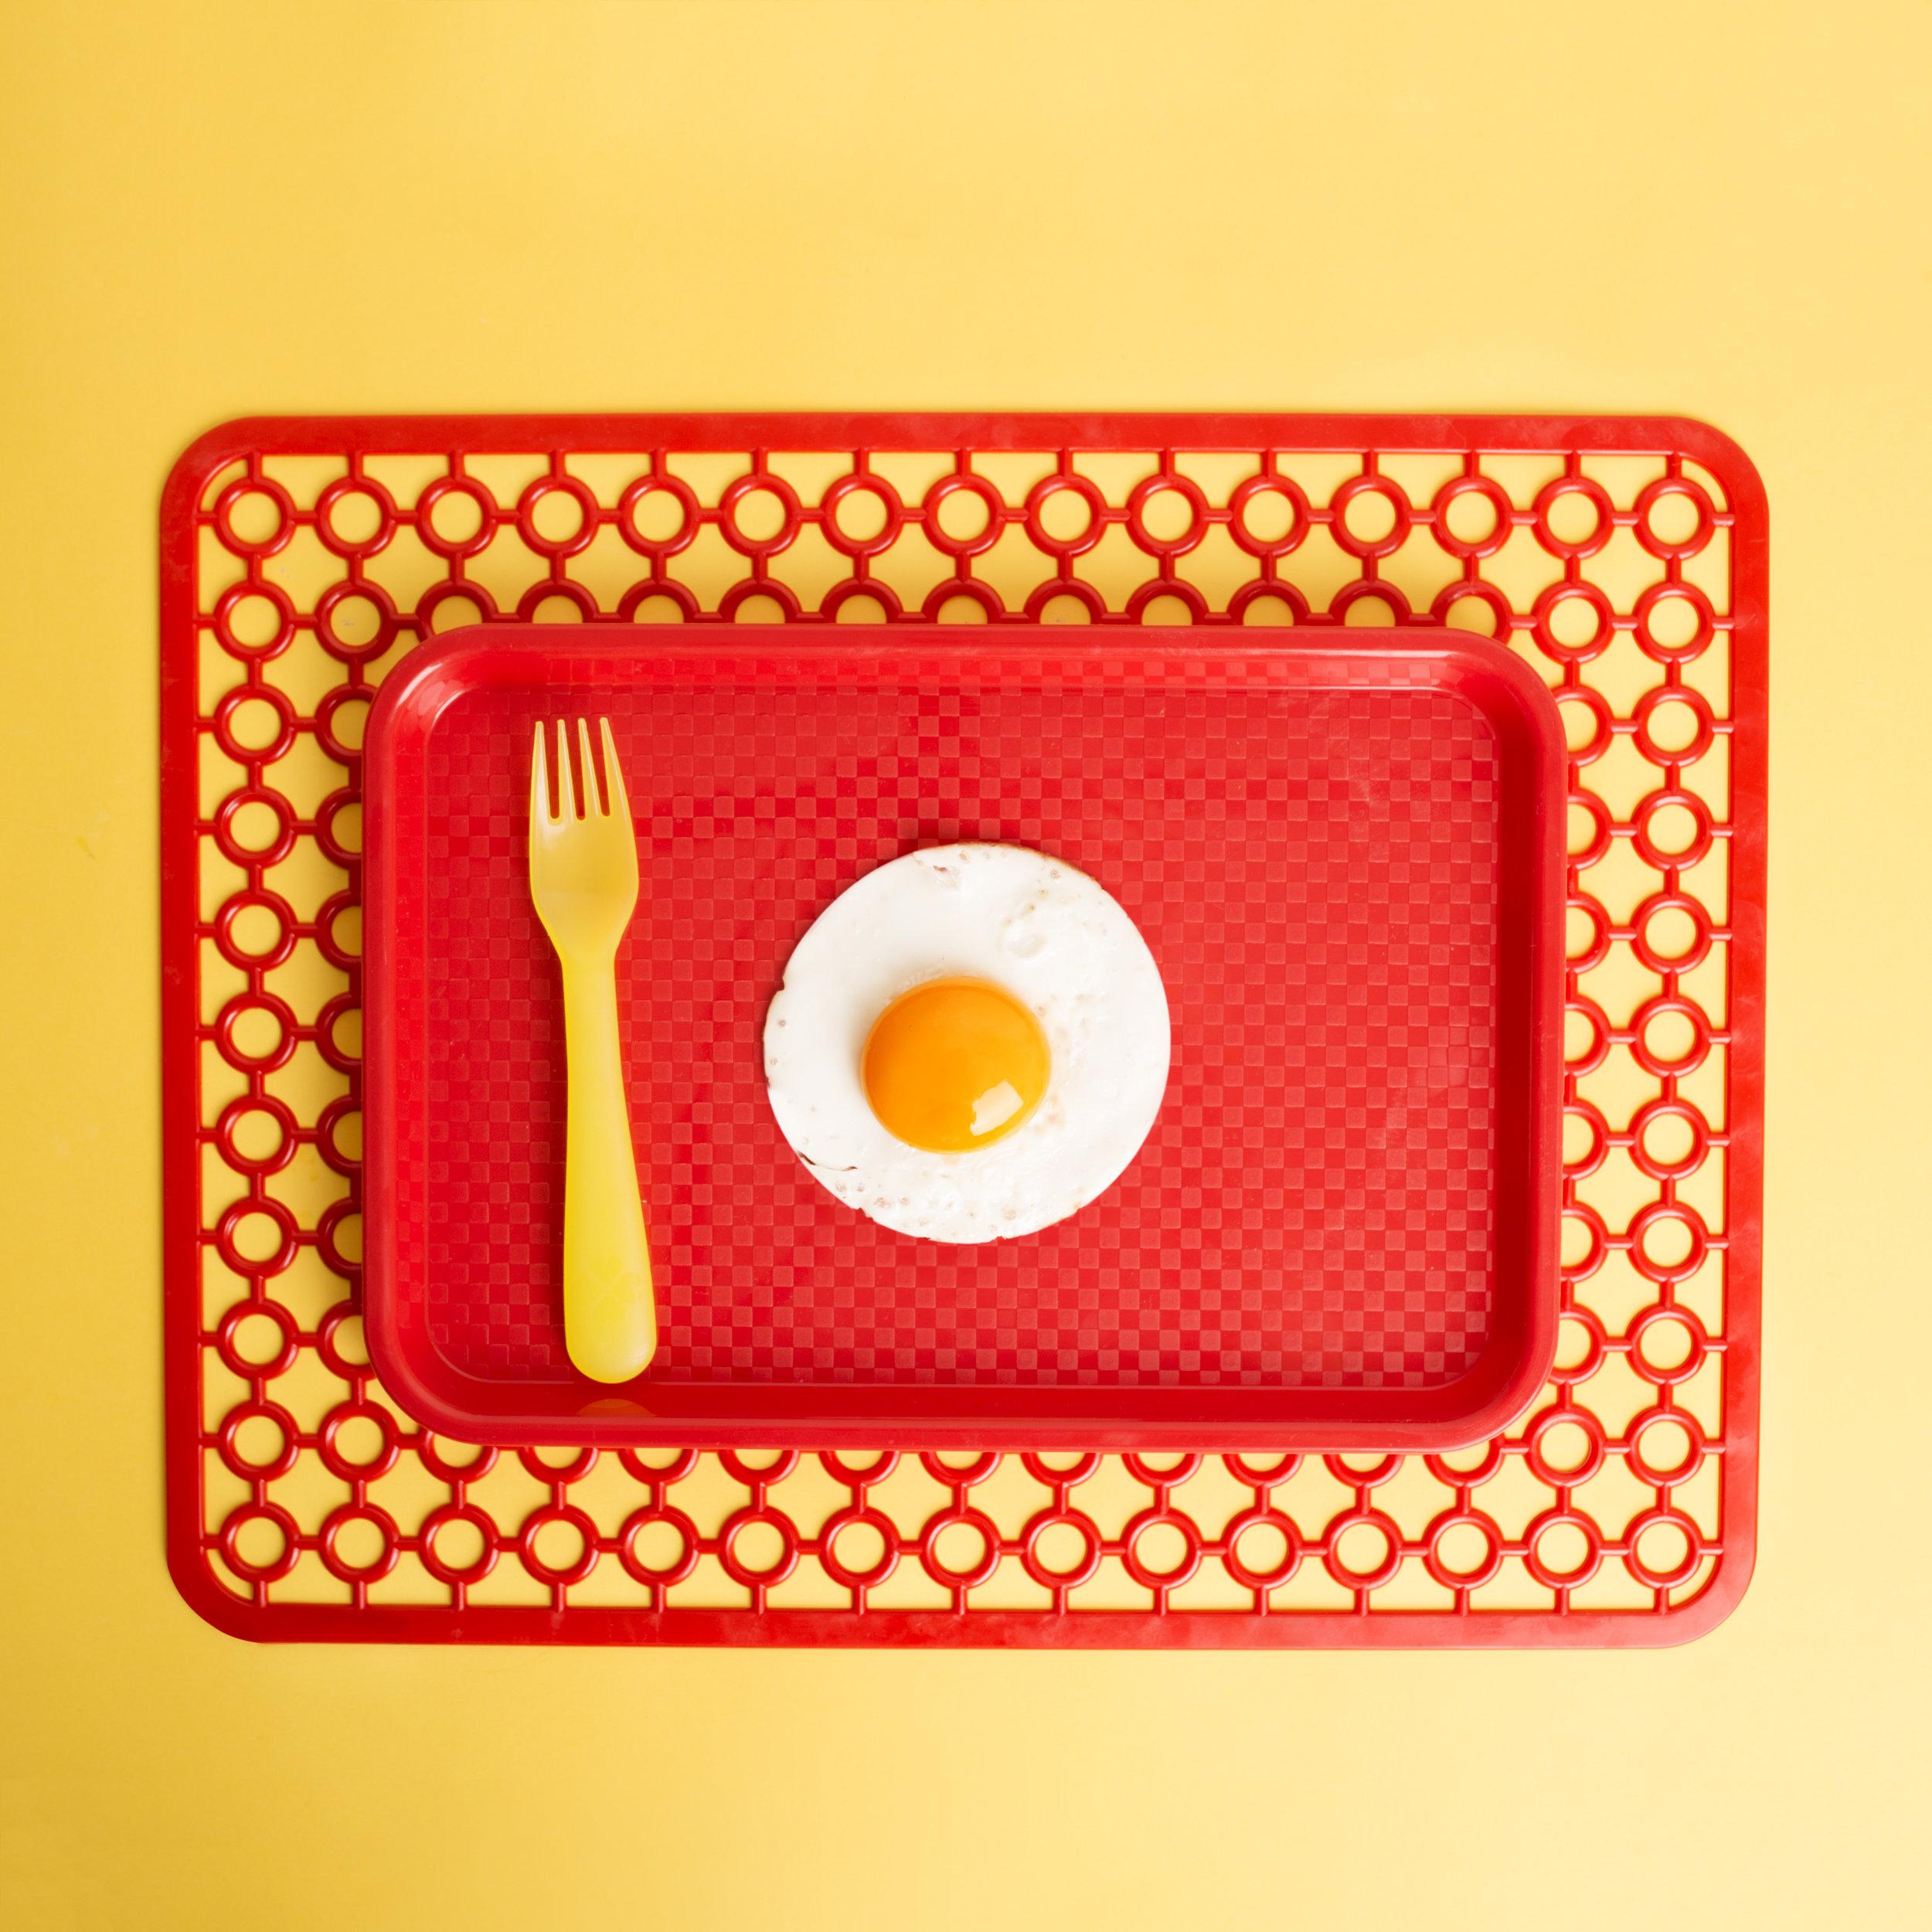 June 3rd - Egg Day